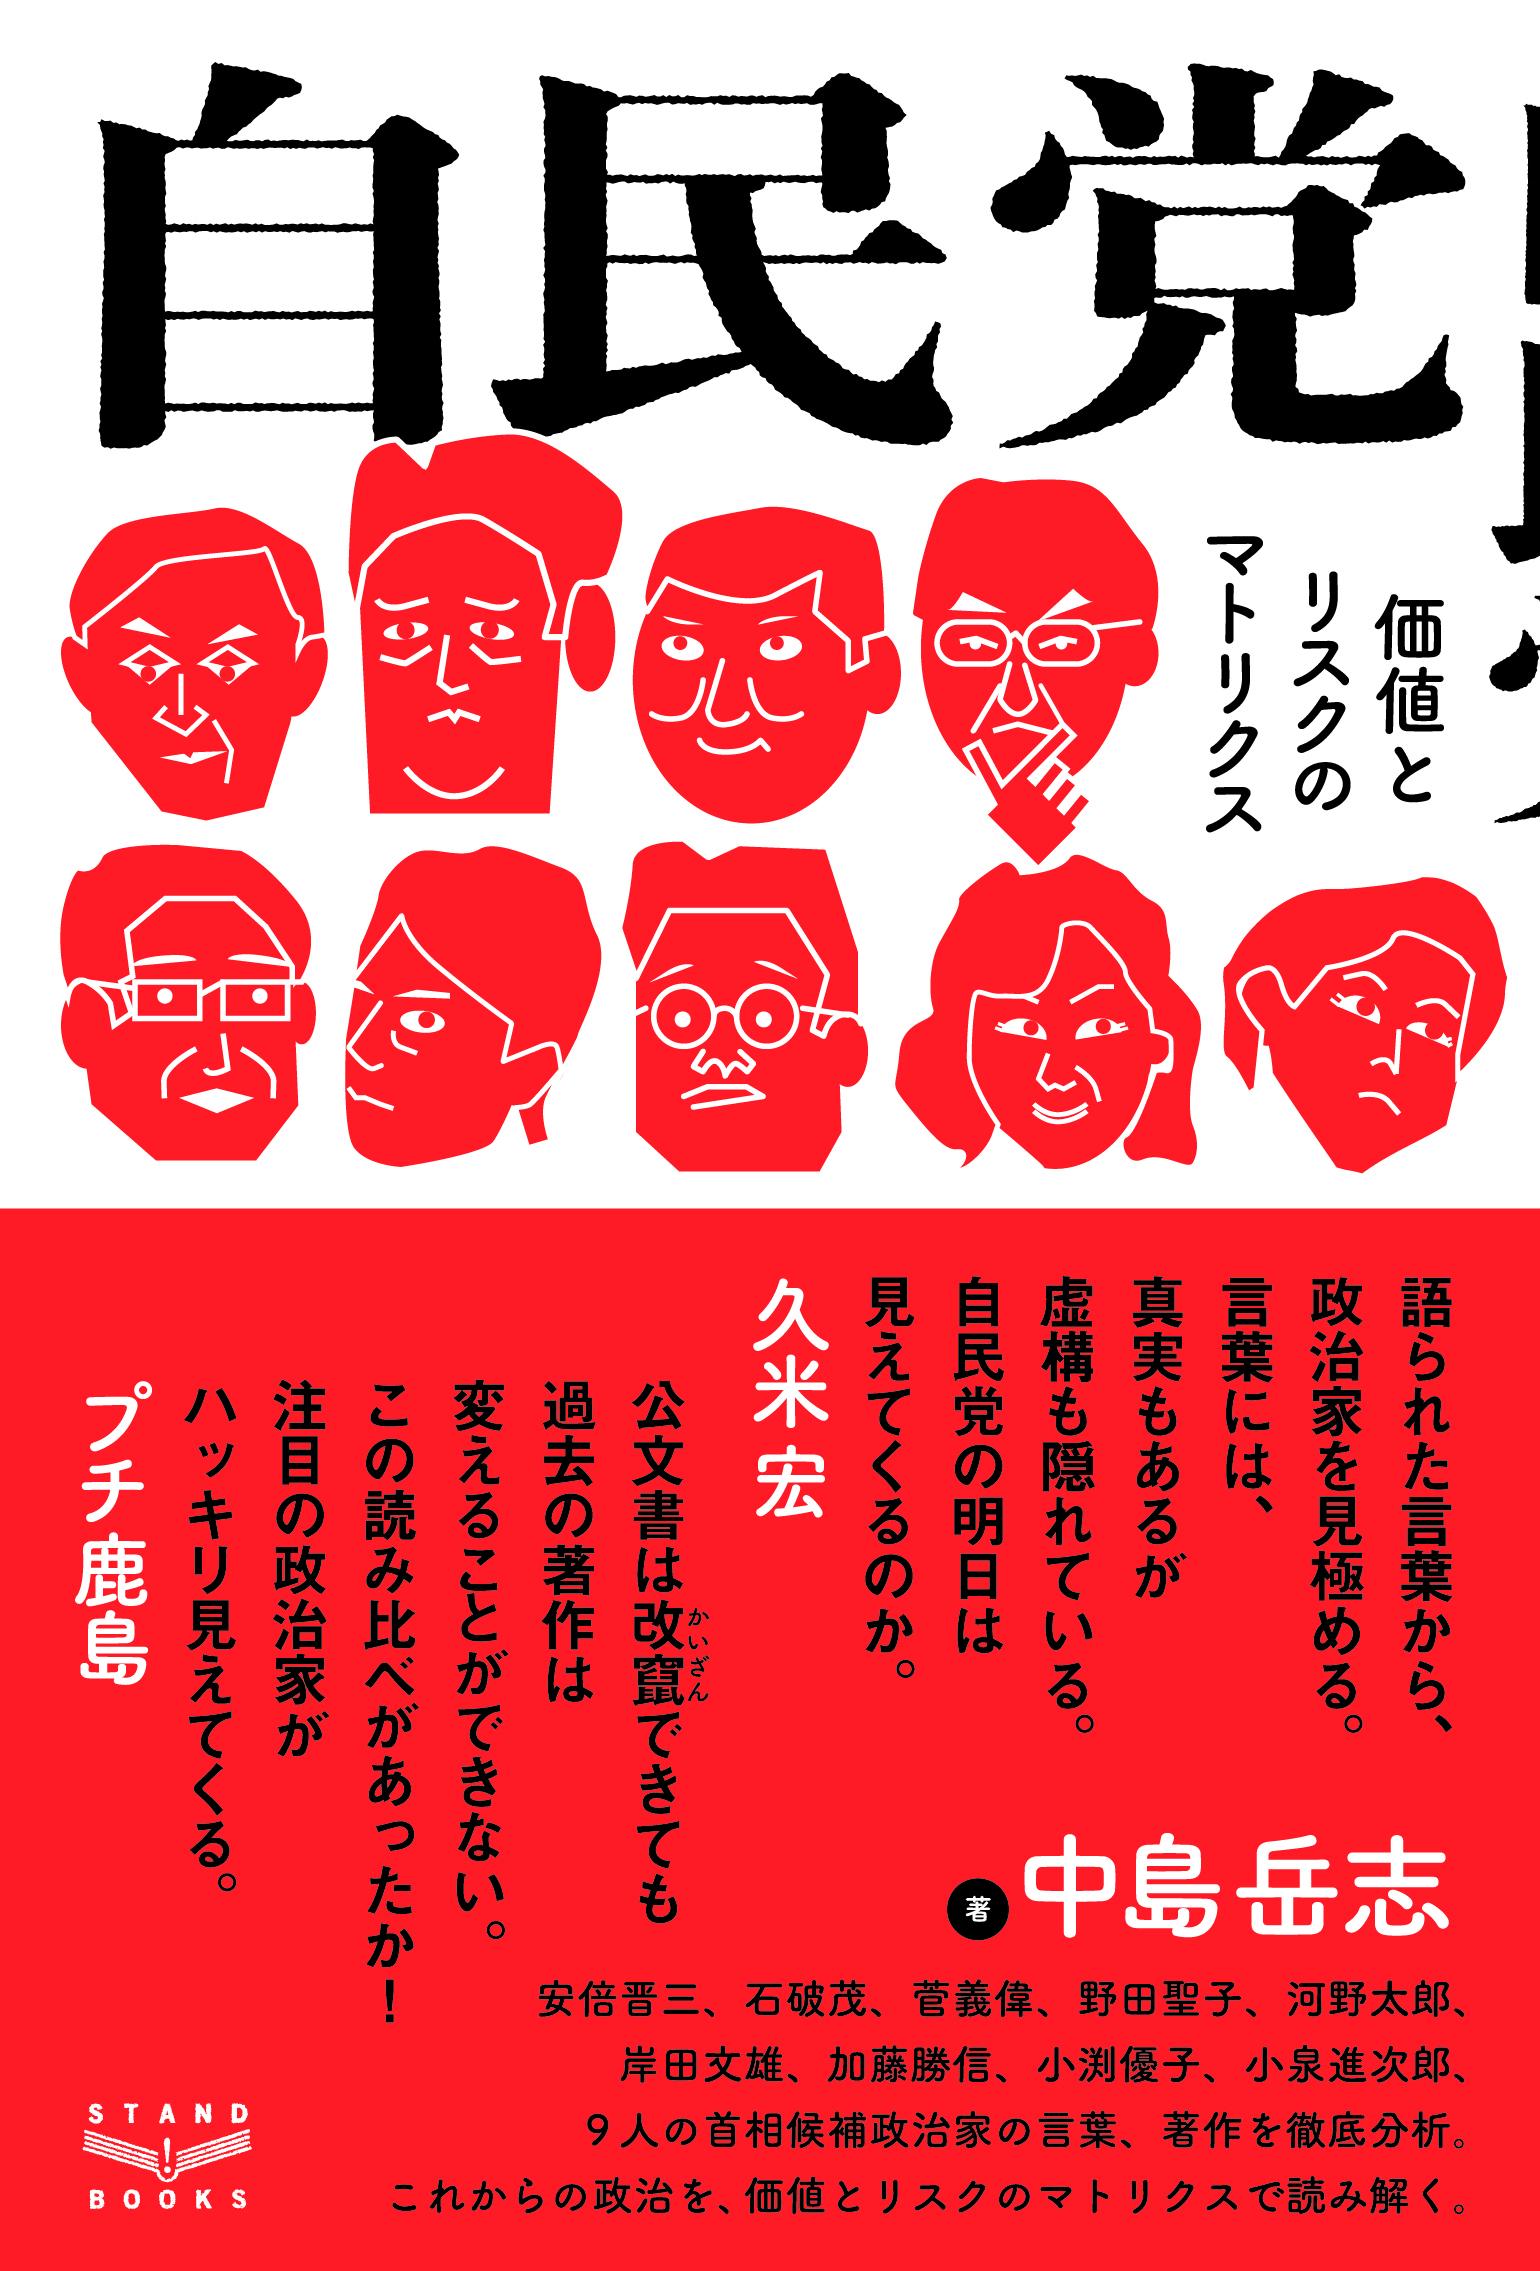 中島岳志『自民党 価値とリスクのマトリクス』<br><br> 2019年5月31日発売予定!